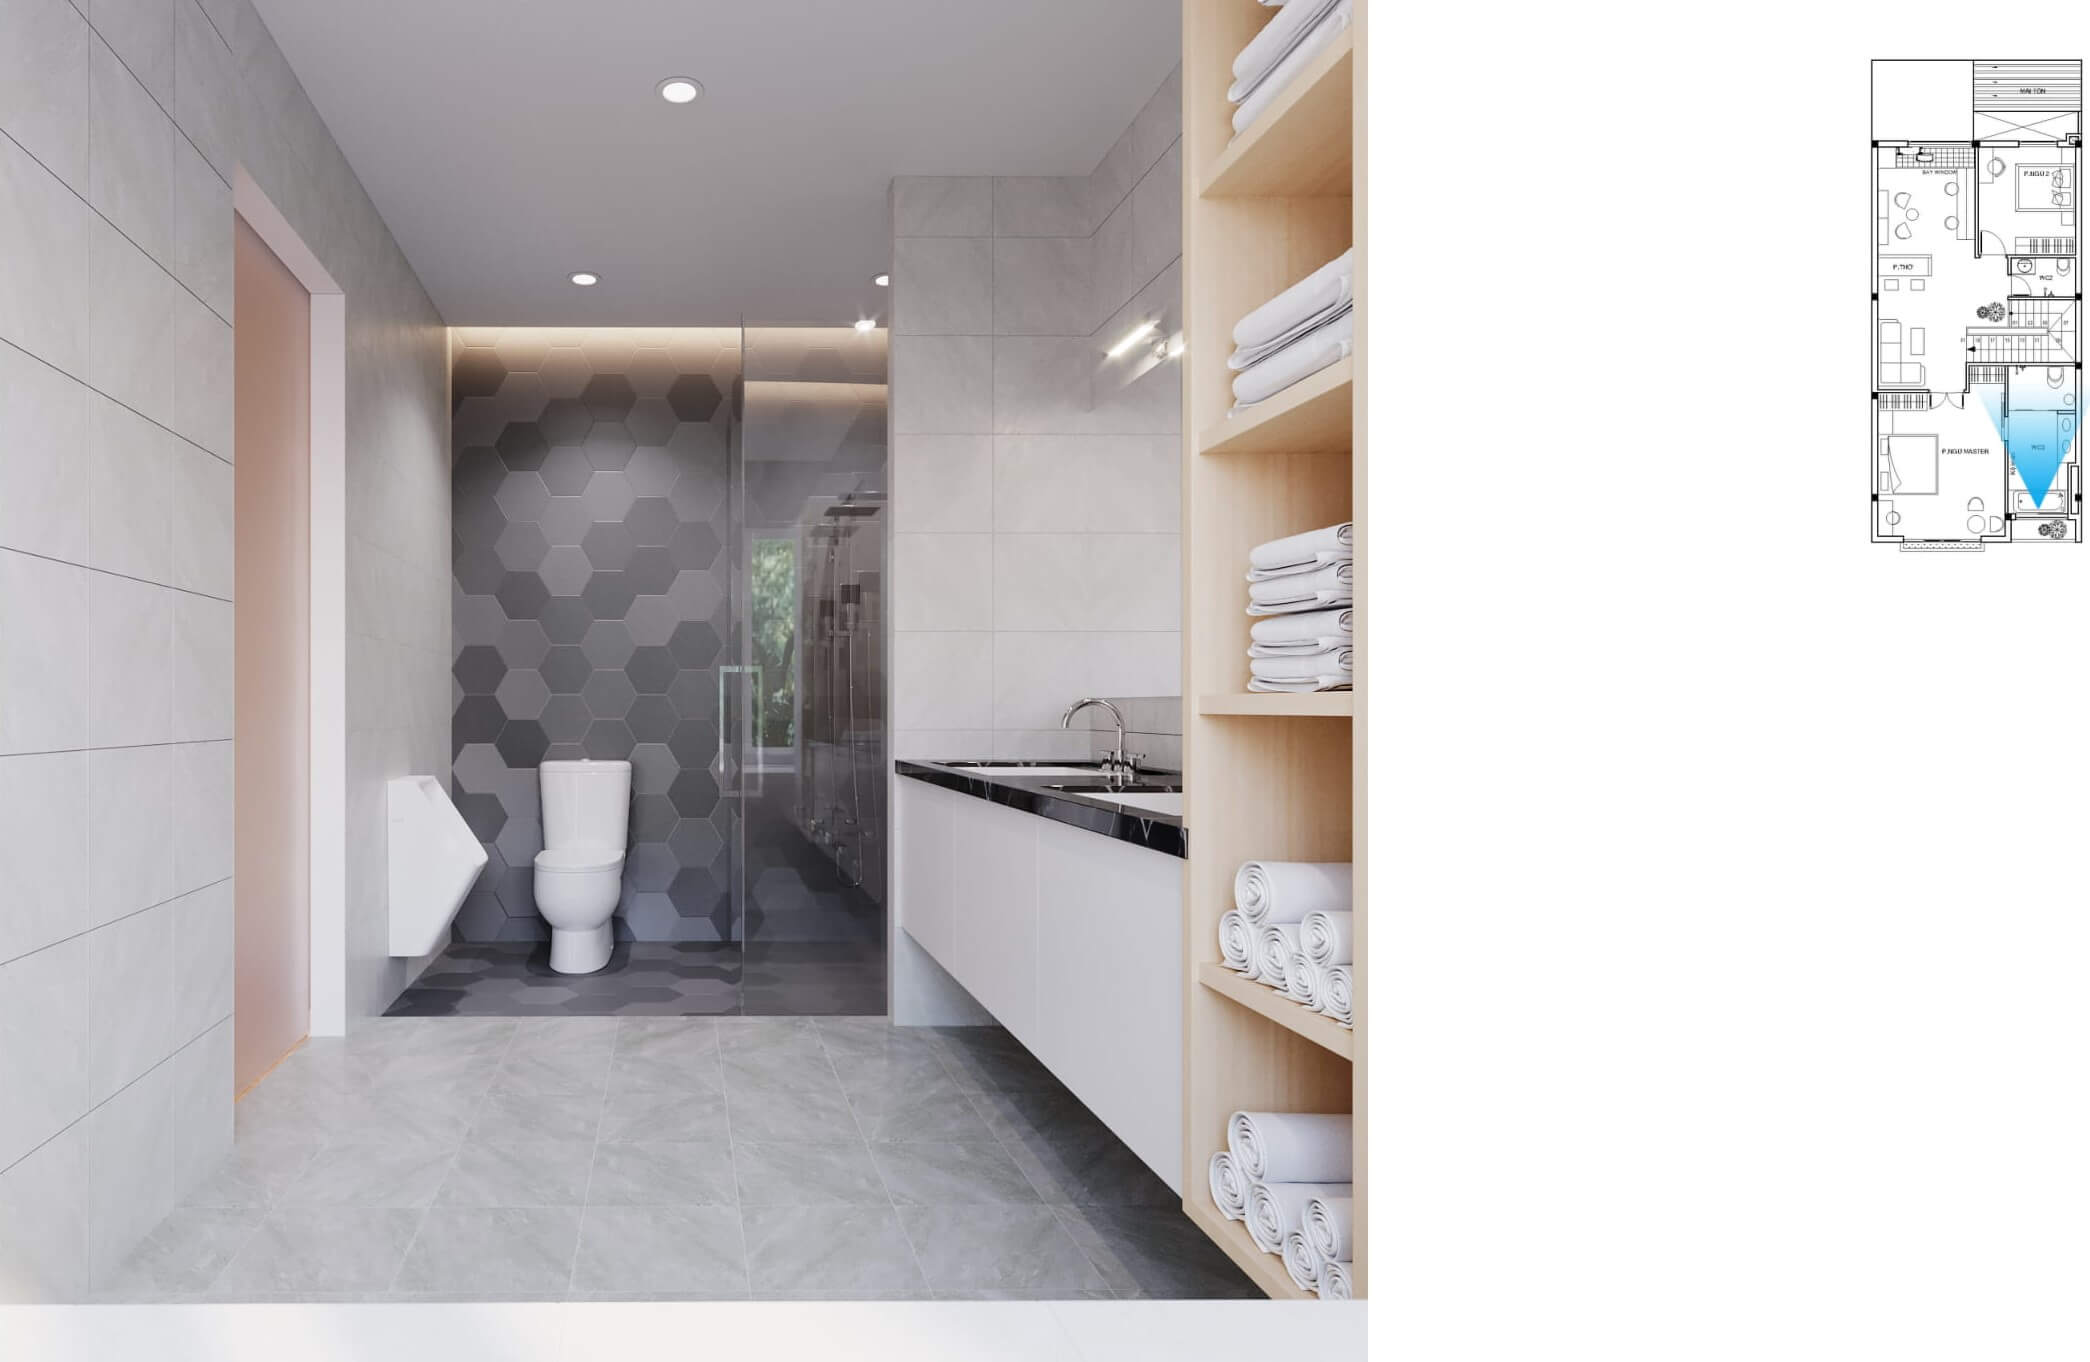 Toilet được thiết kế đơn giản, gọn gàng